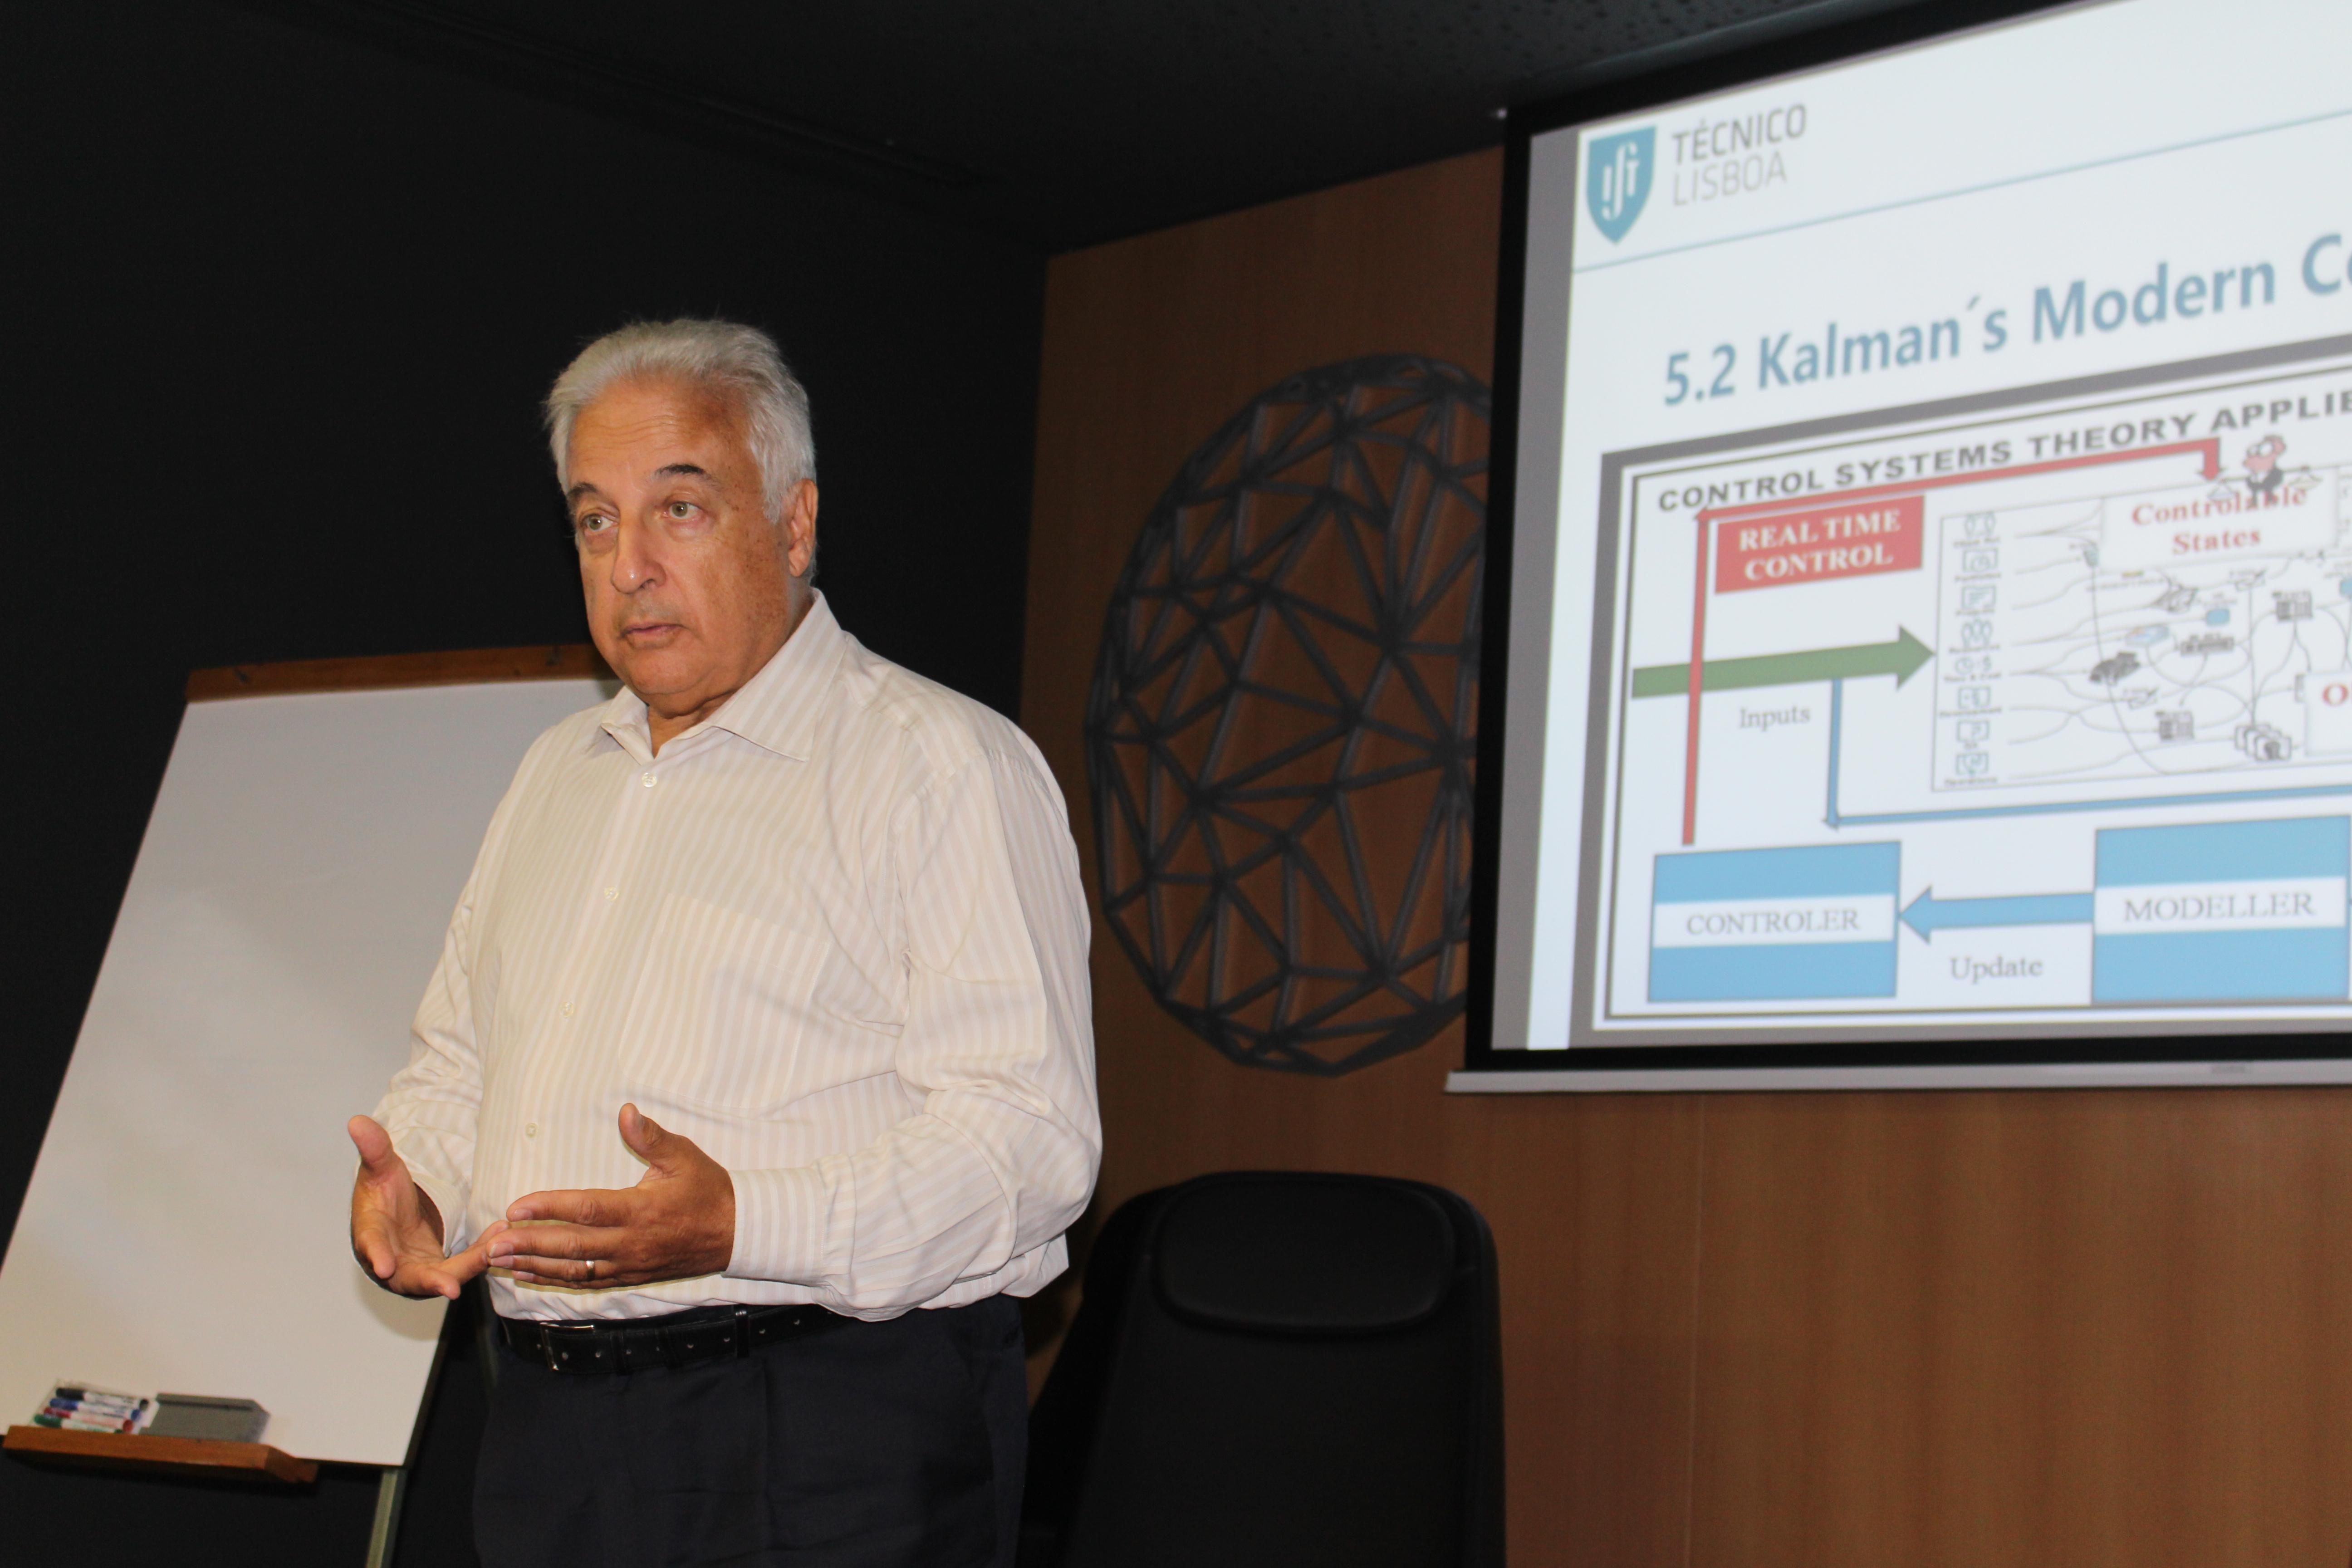 José  Tribolet, professor catedrático do Departamento de Engenharia Informática do IST